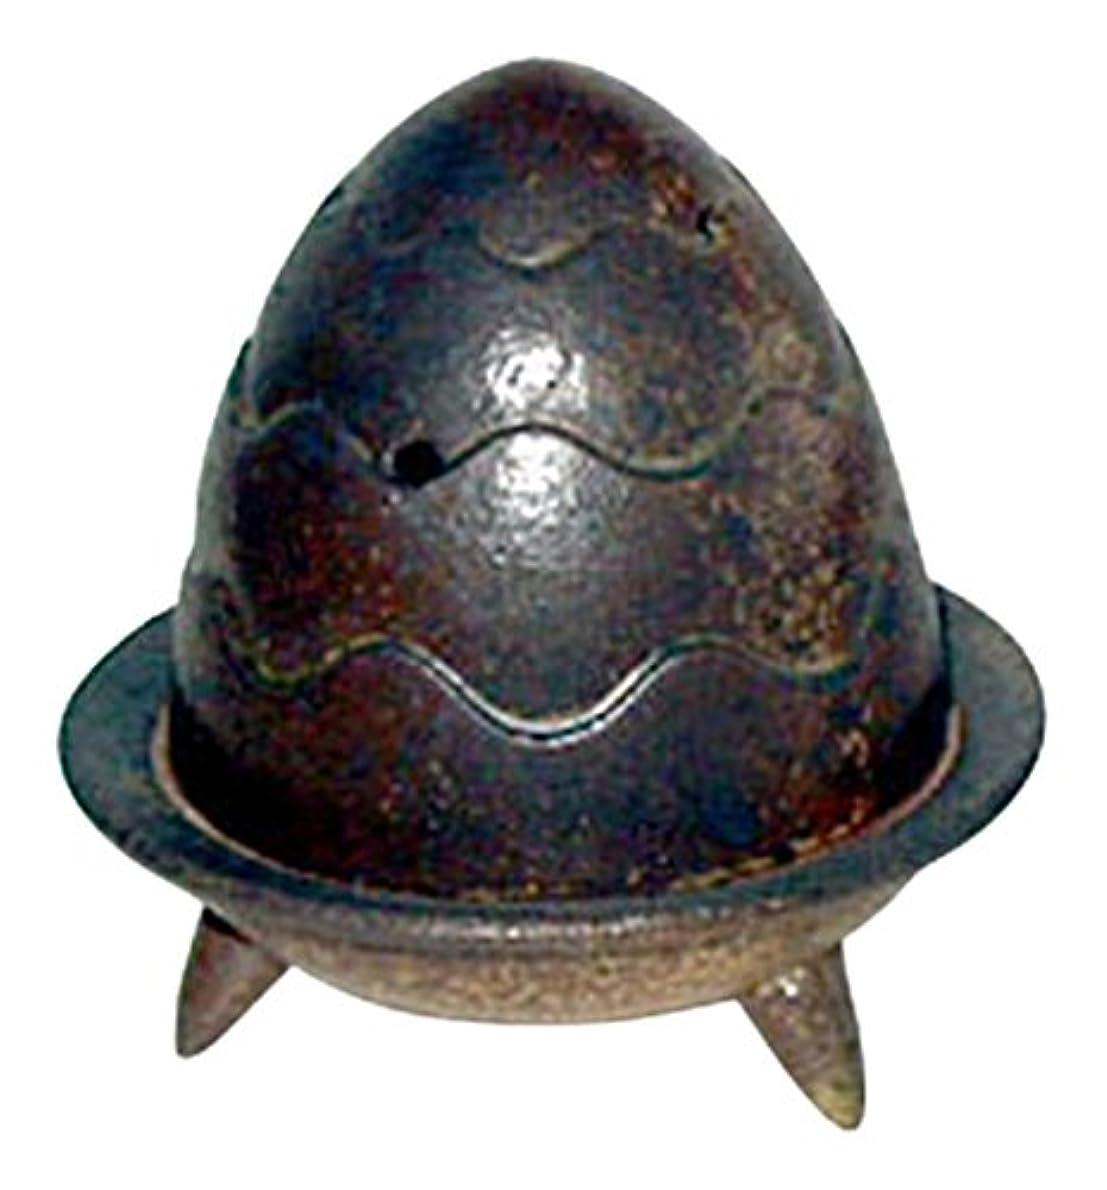 戸惑う欲しいですトーン香炉 おしゃれ : 有田焼 なでしこ 深3.0香炉(白) Japanese Incense burner porcelain/Size(cm) Φ8.8x5.8/No:780410